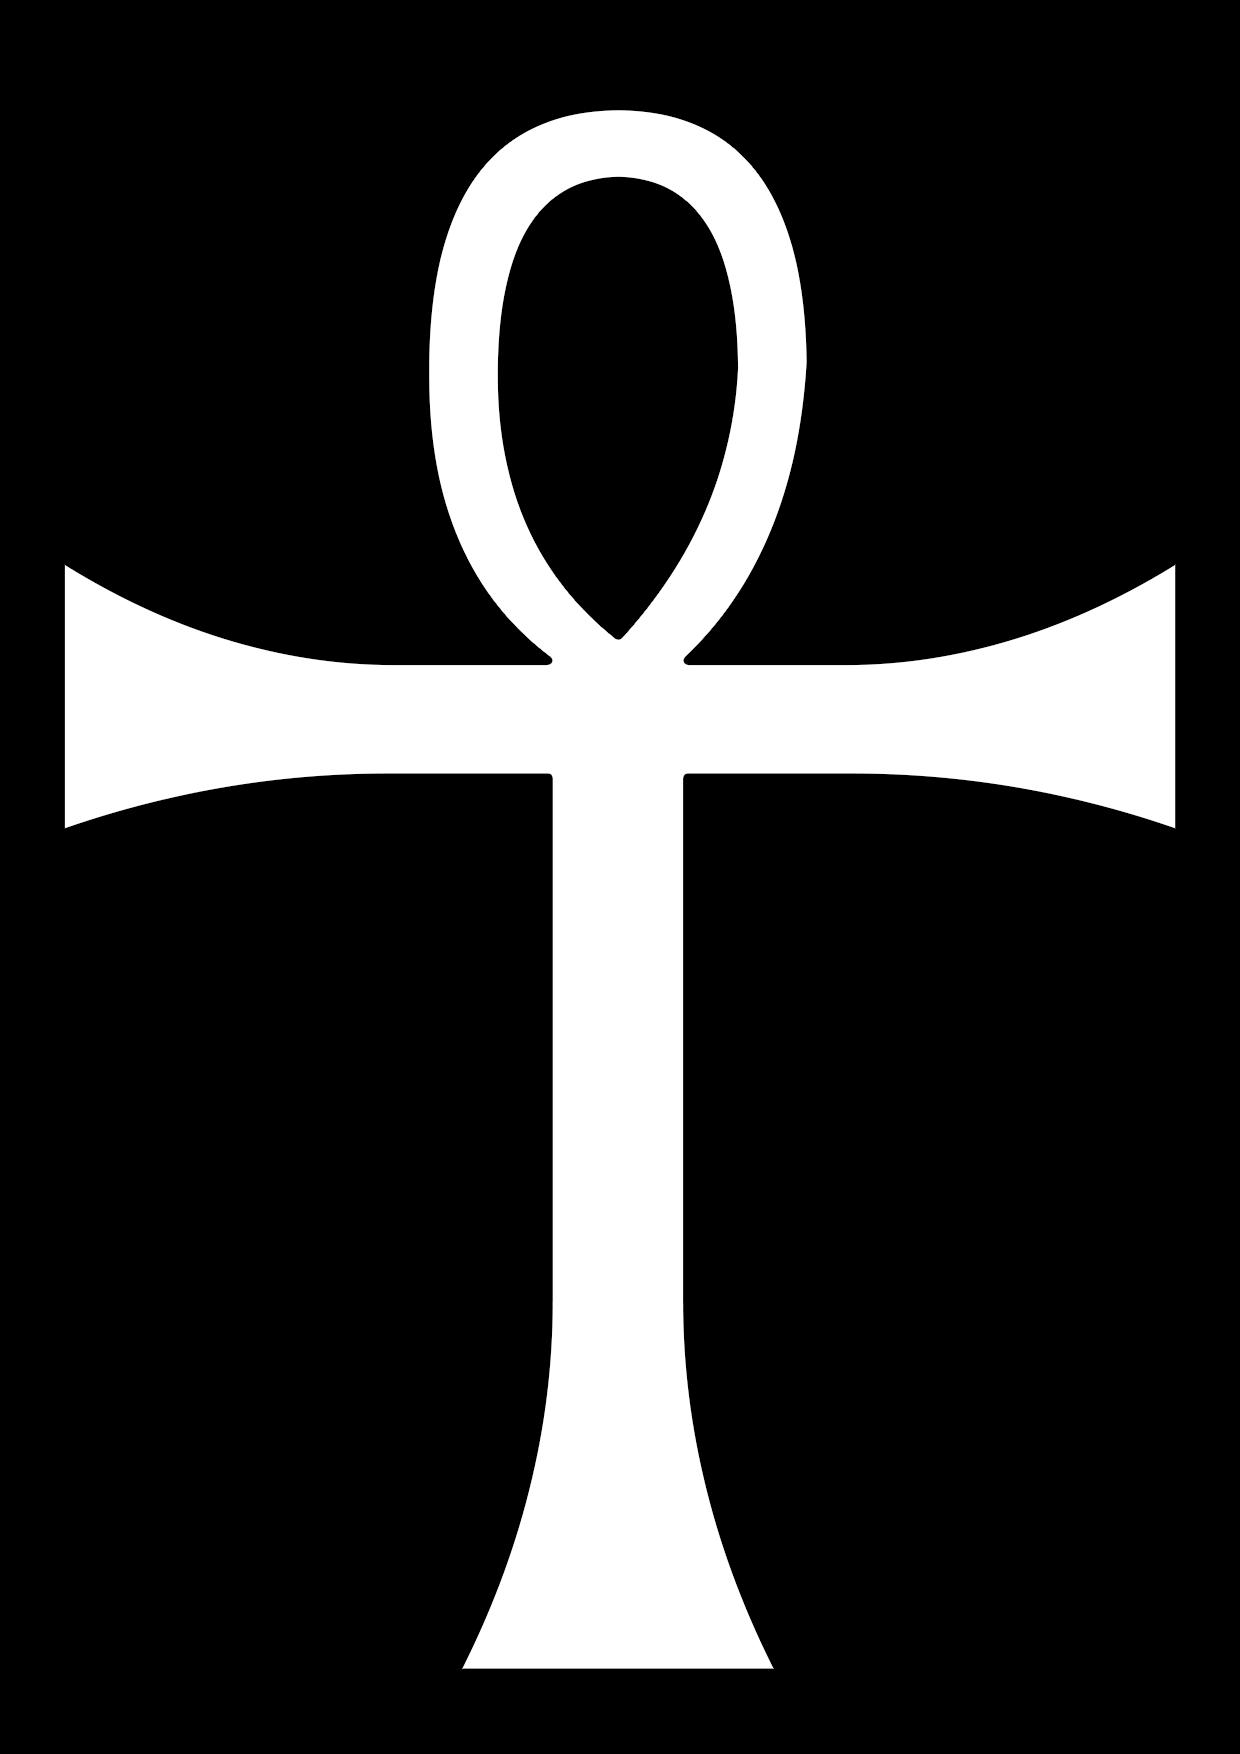 Cruz egipcia para colorear también conocida como cruz ansada o llave de la vida